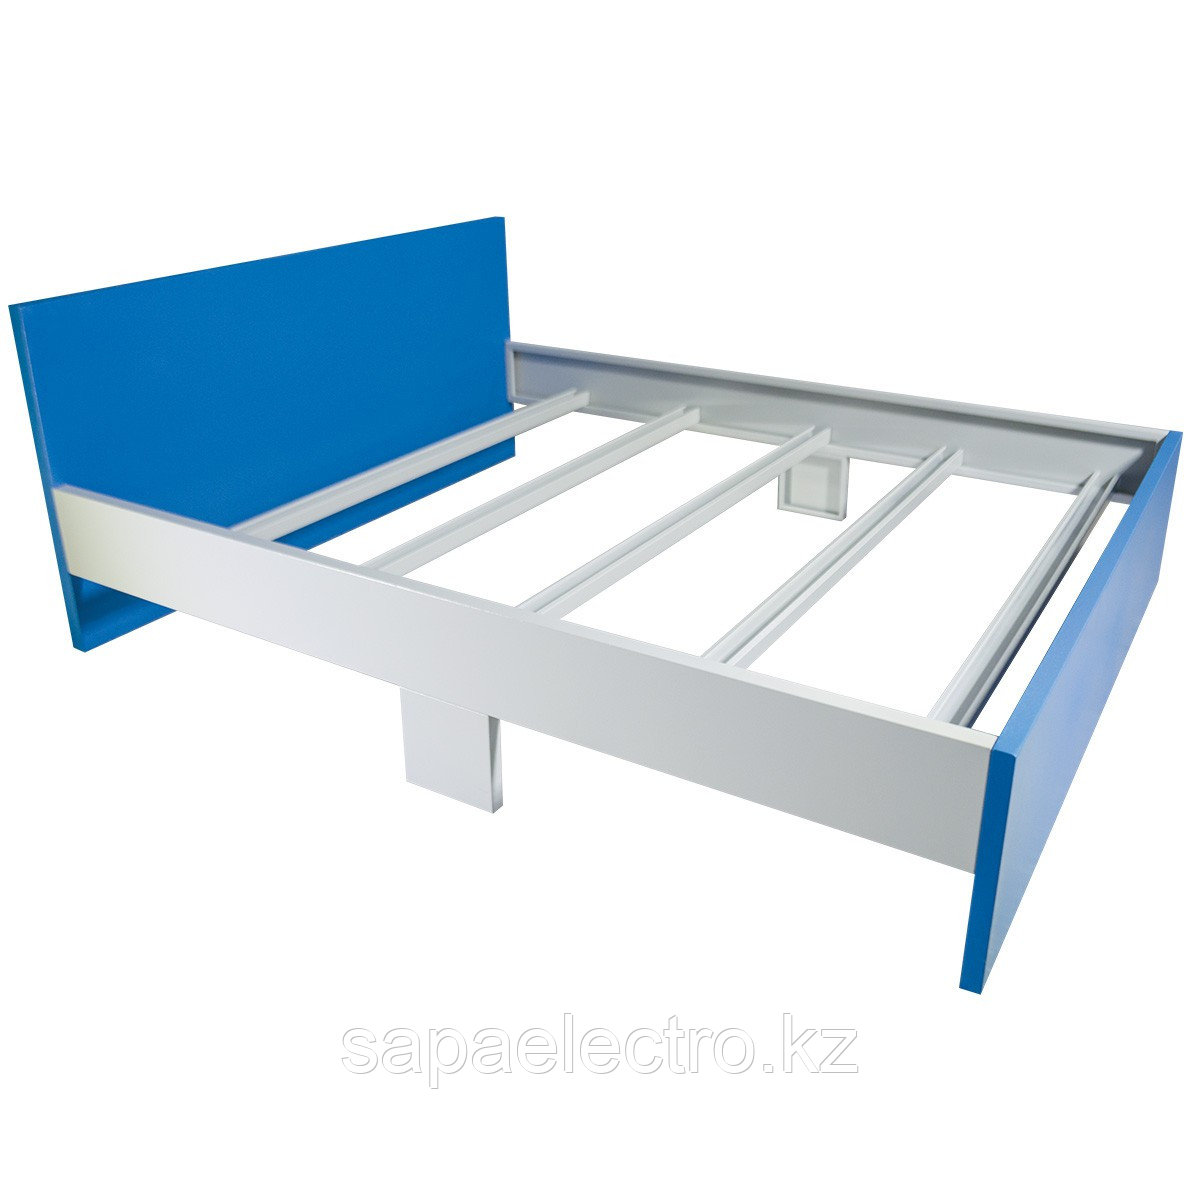 Кровать двухспальная металлическая COMFORT MGL(TS)